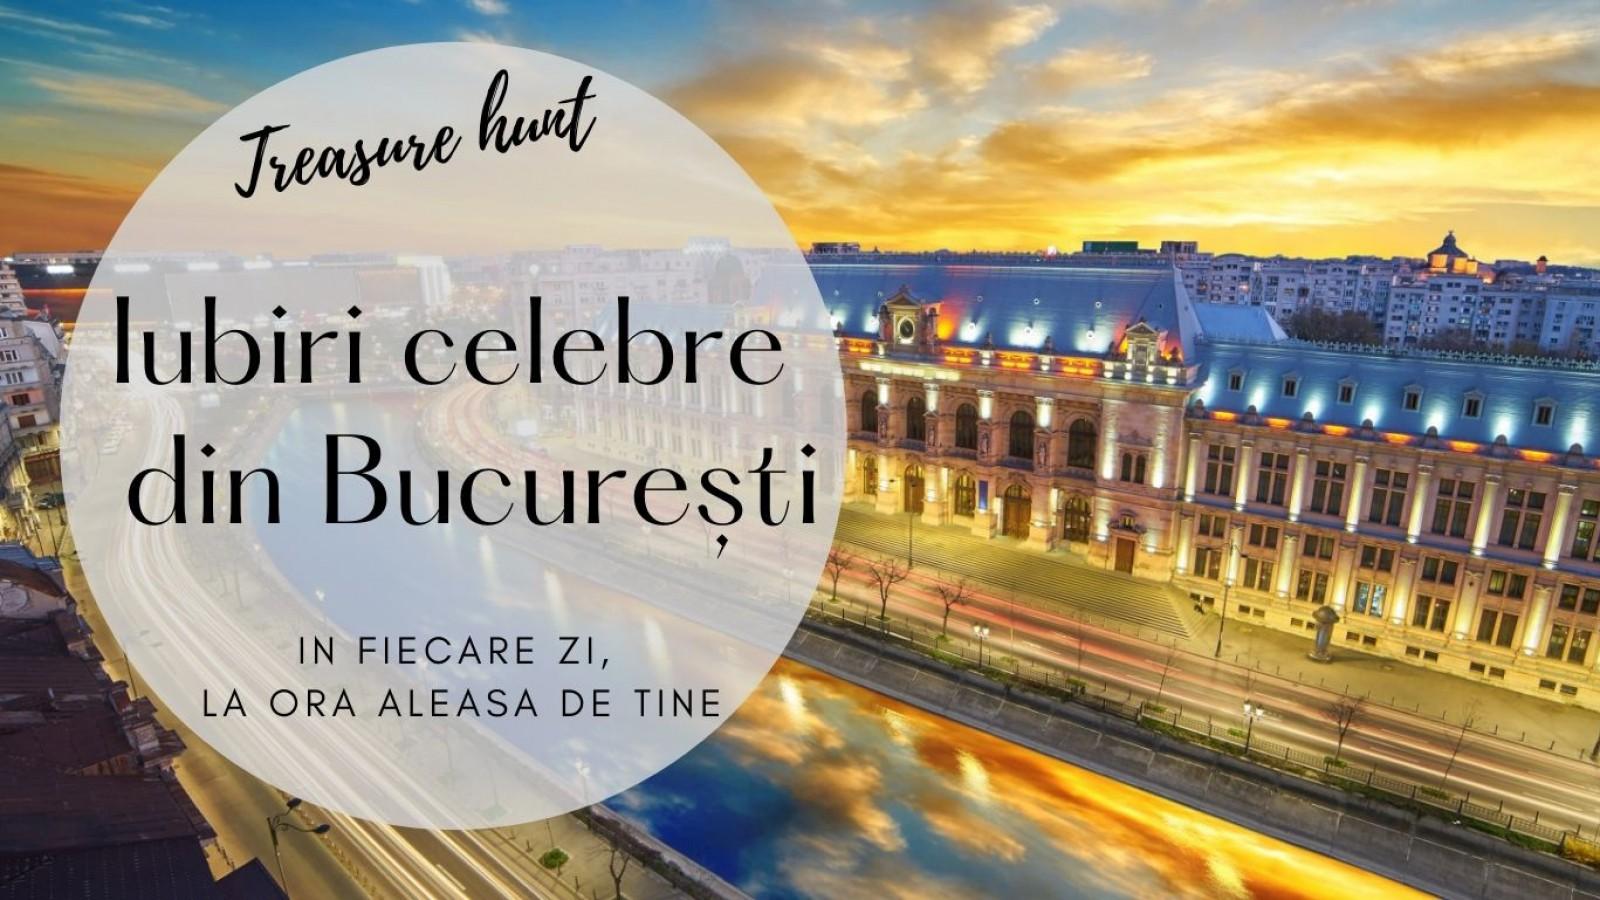 Treasure hunt Predestinați. Iubiri celebre din București